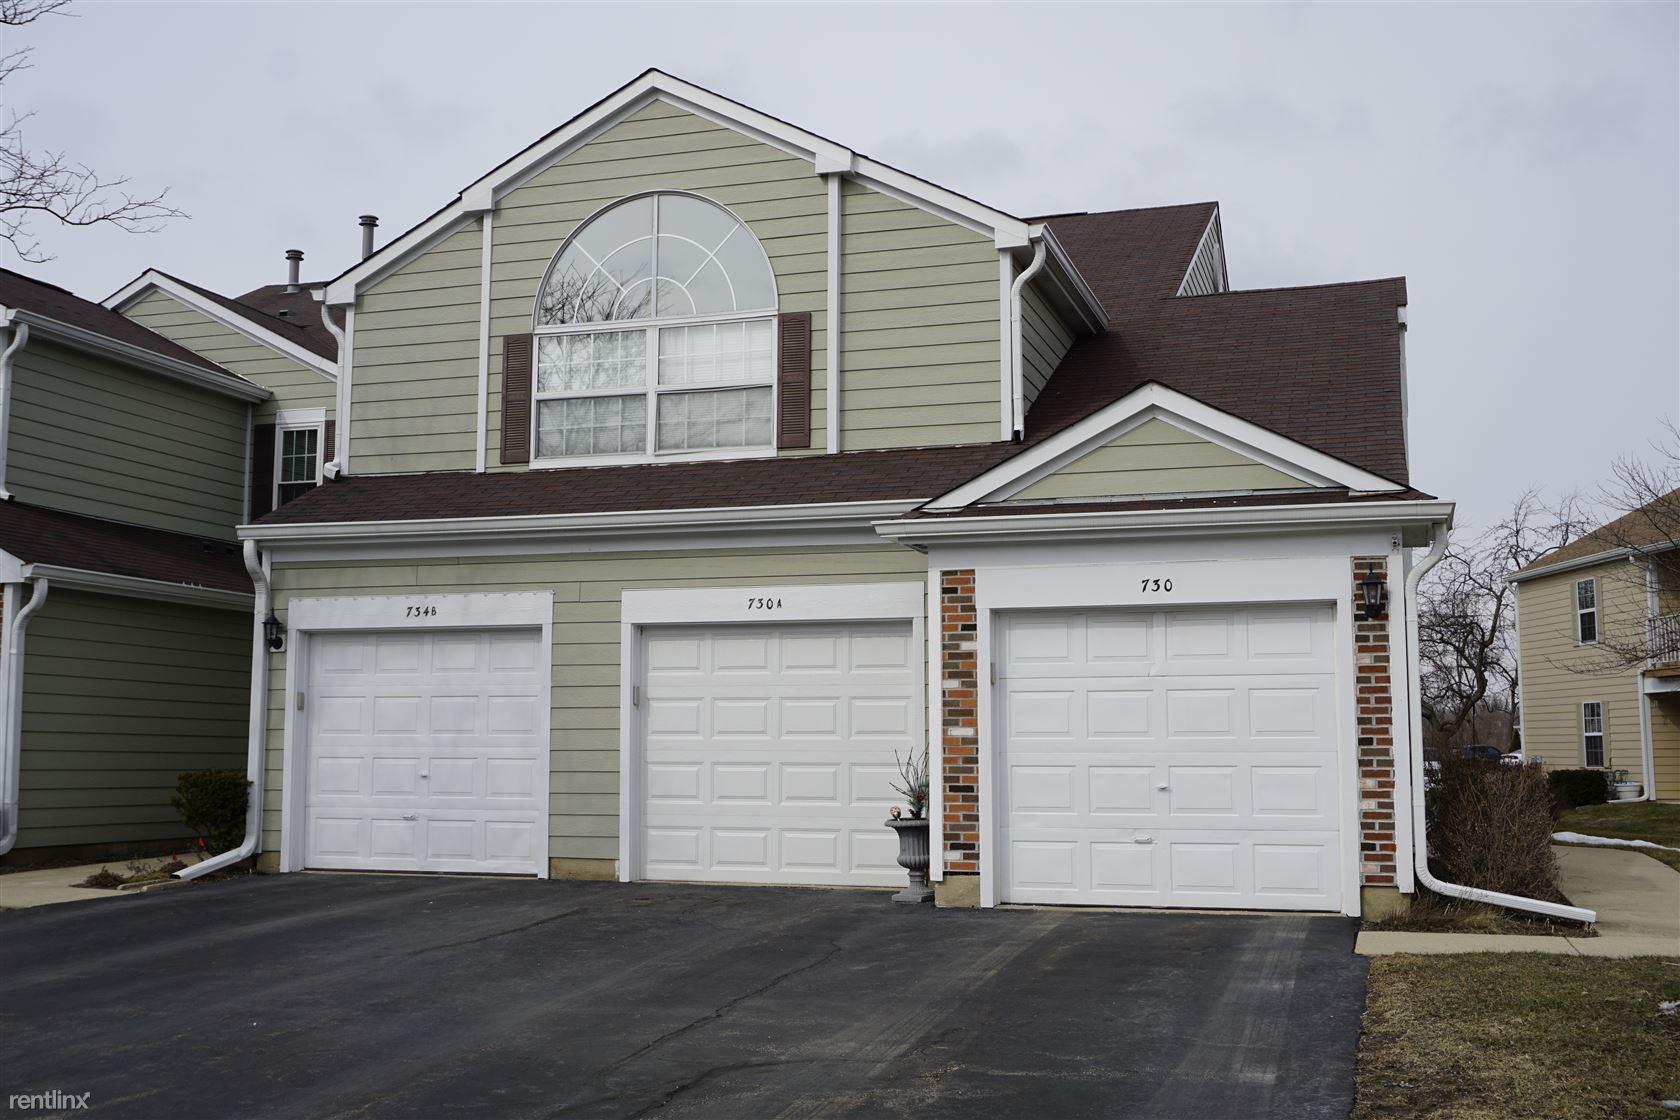 730 W Streamwood Blvd Unit B, Streamwood, IL - $1,750